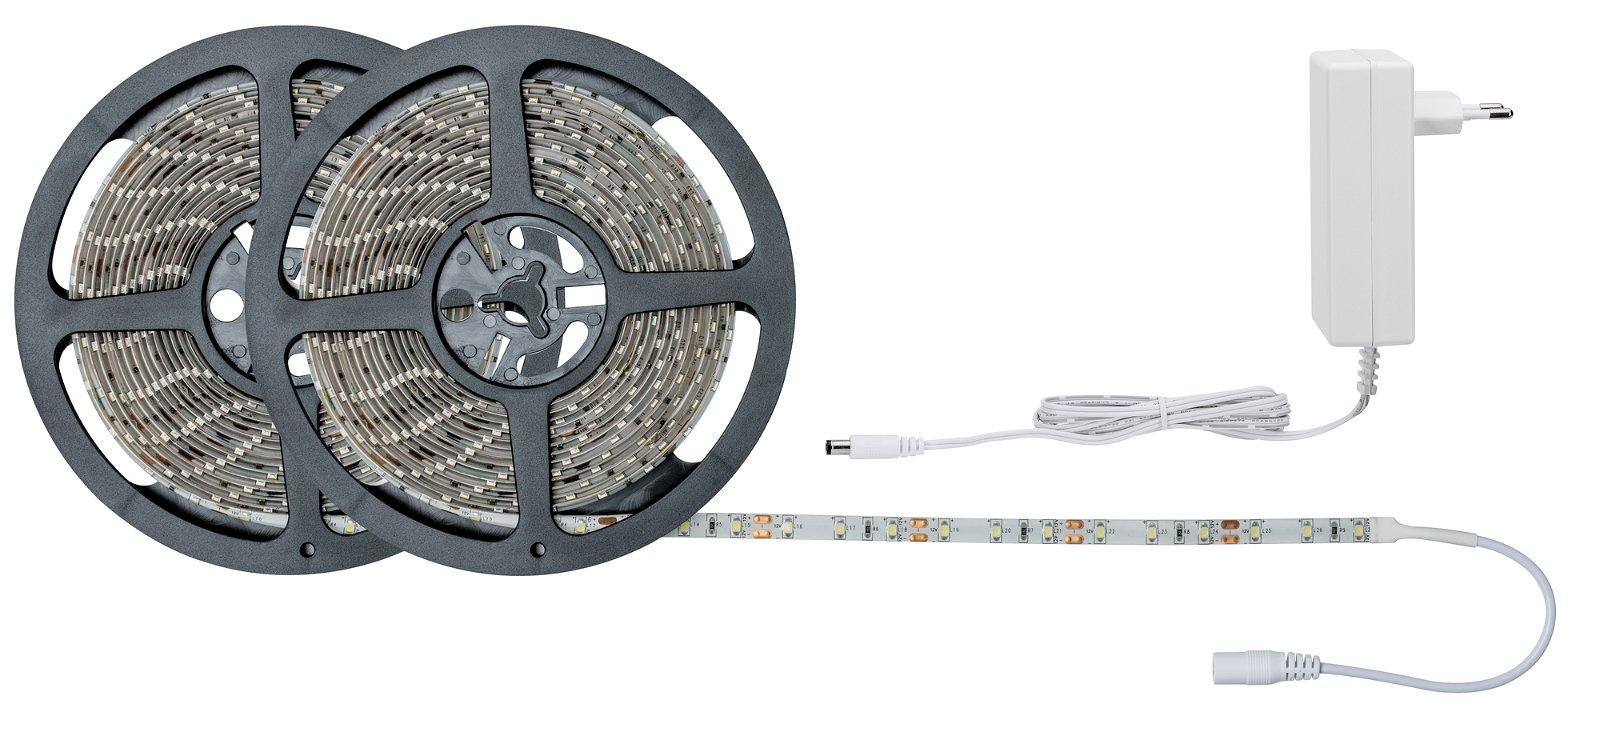 SimpLED LED Strip Tageslichtweiß 10m beschichtet 22W 187lm/m 60LEDs/m 6500K 36VA